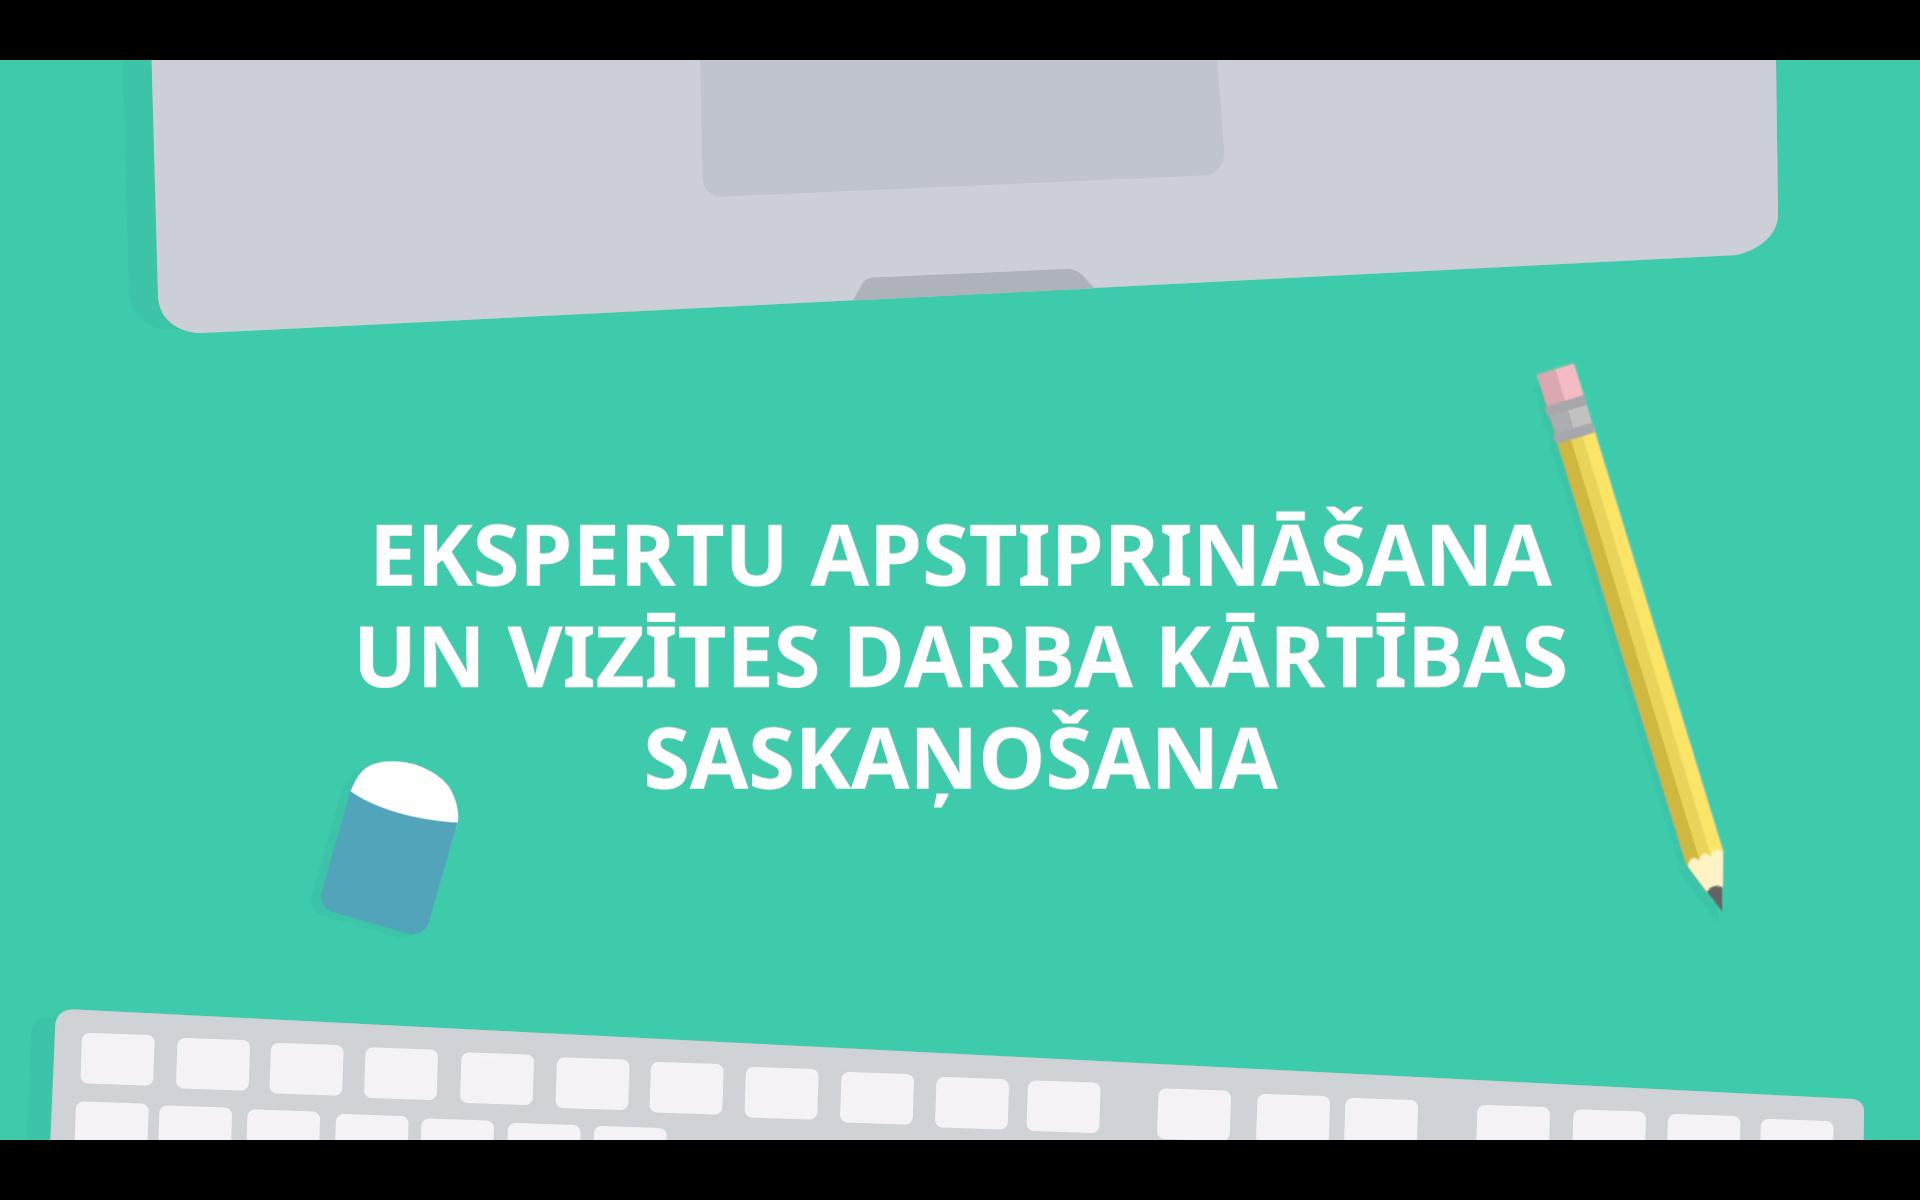 Ir izveidots video par ekspertu apstiprināšanu un vizītes darba kārtības saskaņošanu